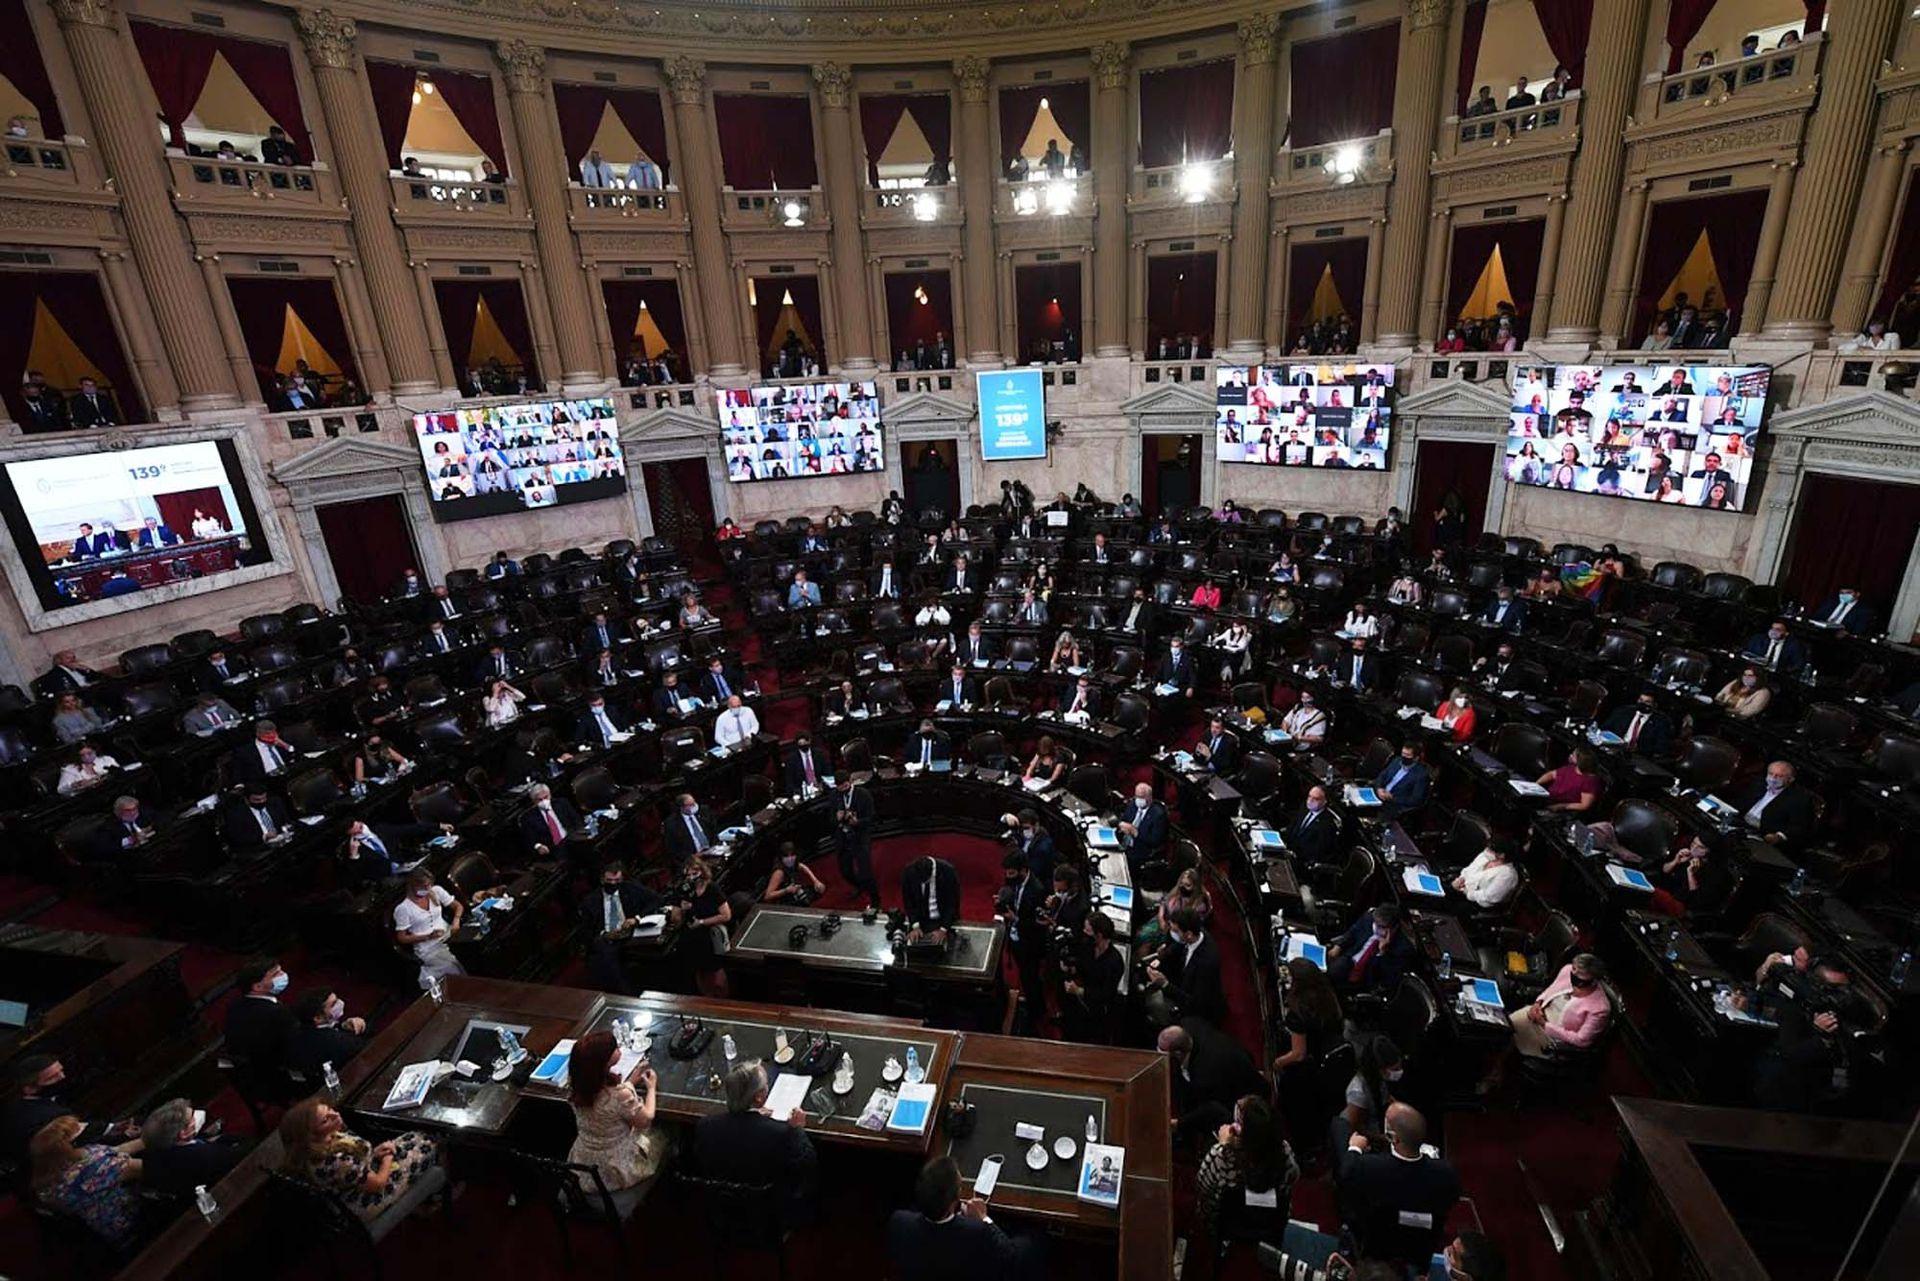 Una vista general del Congreso de la Nación en la apertura de las Sesiones Legislativas